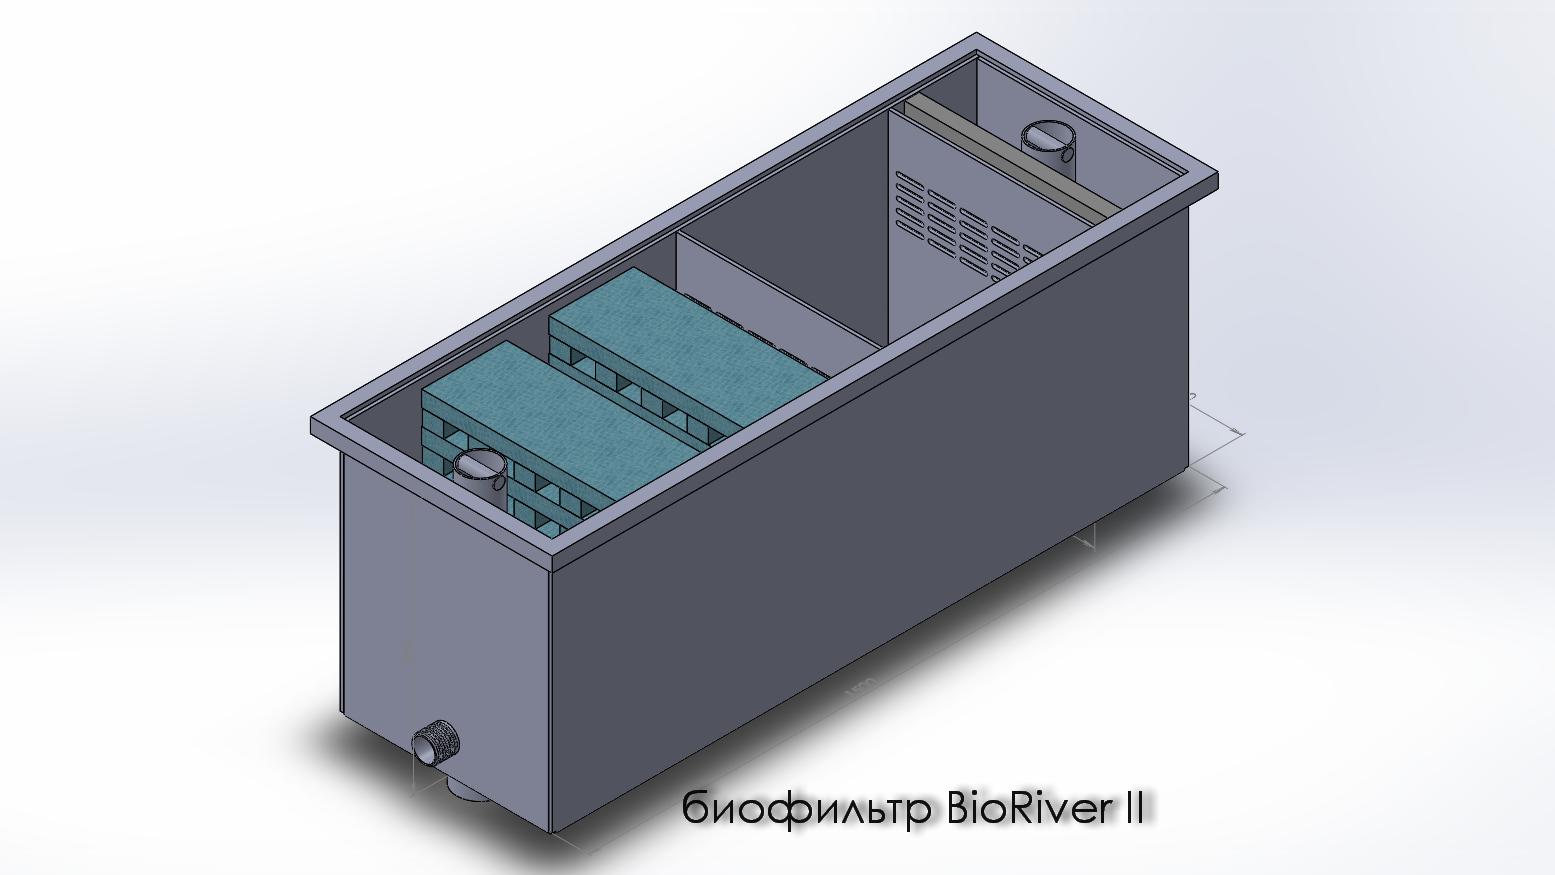 Биофильтр bioriver 2